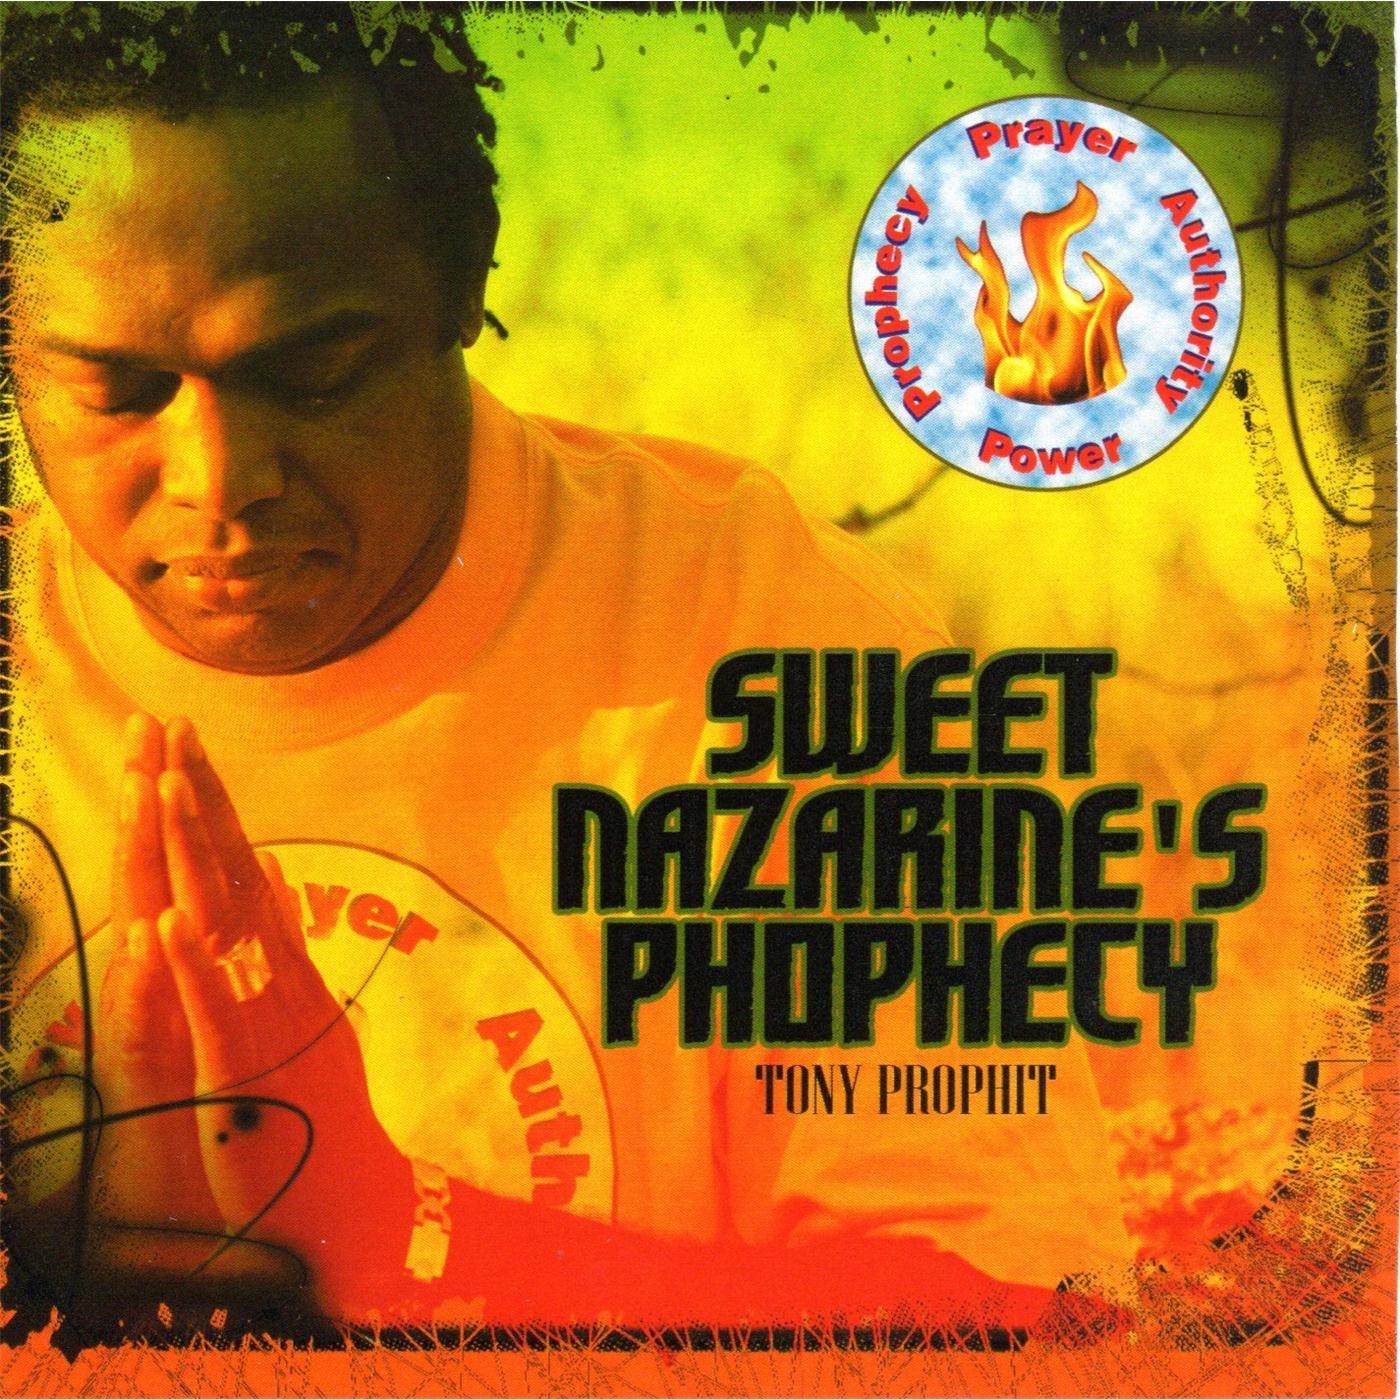 Sweet Nazarine's Phophecy